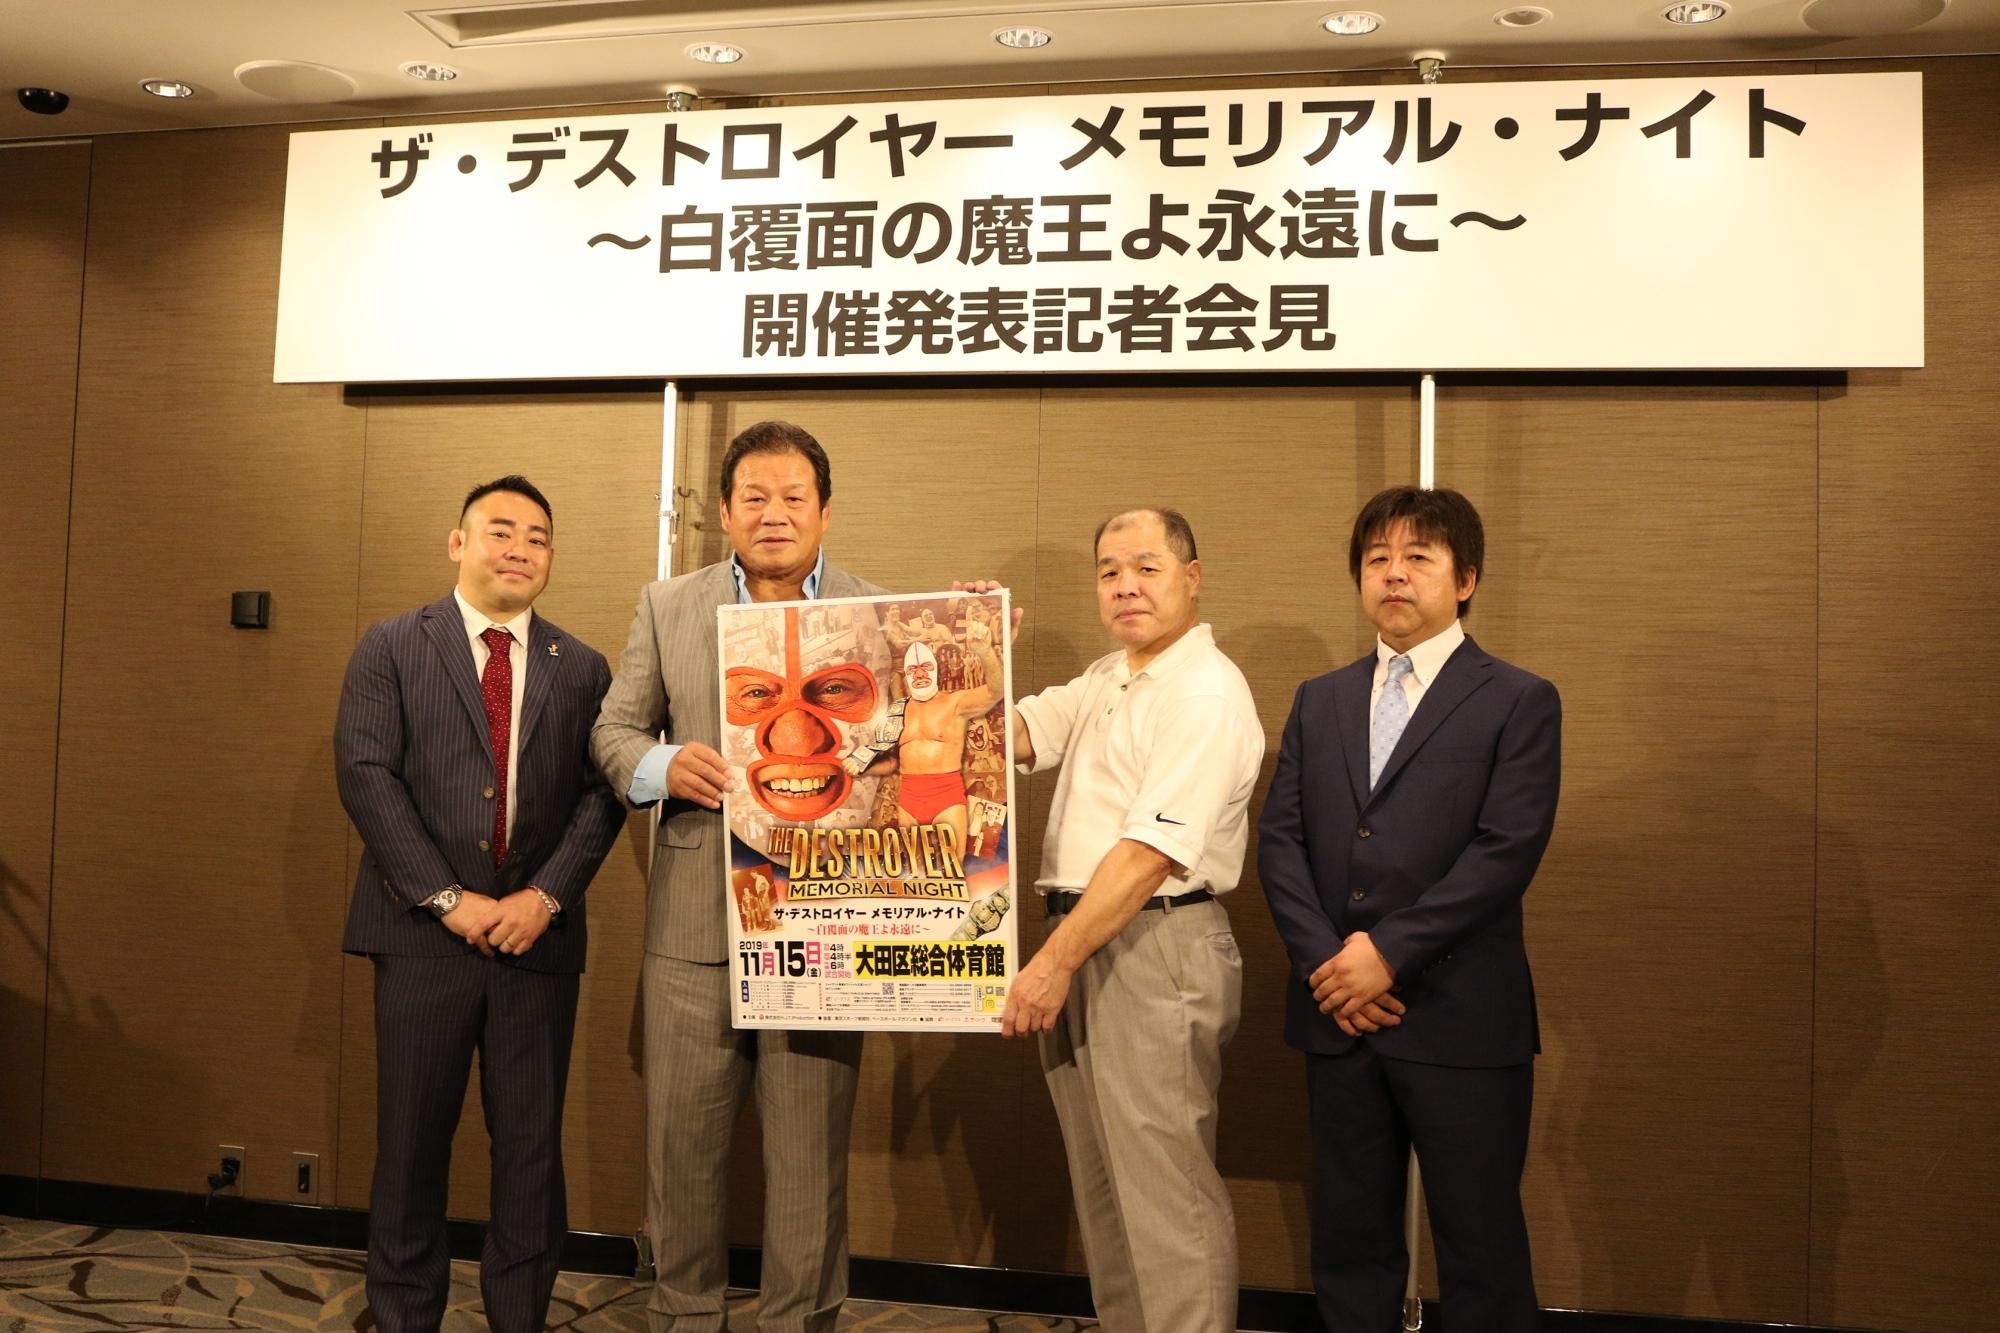 『ザ・デストロイヤー メモリアル・ナイト〜白覆面の魔王よ永遠に〜』は11月15日(火)開催